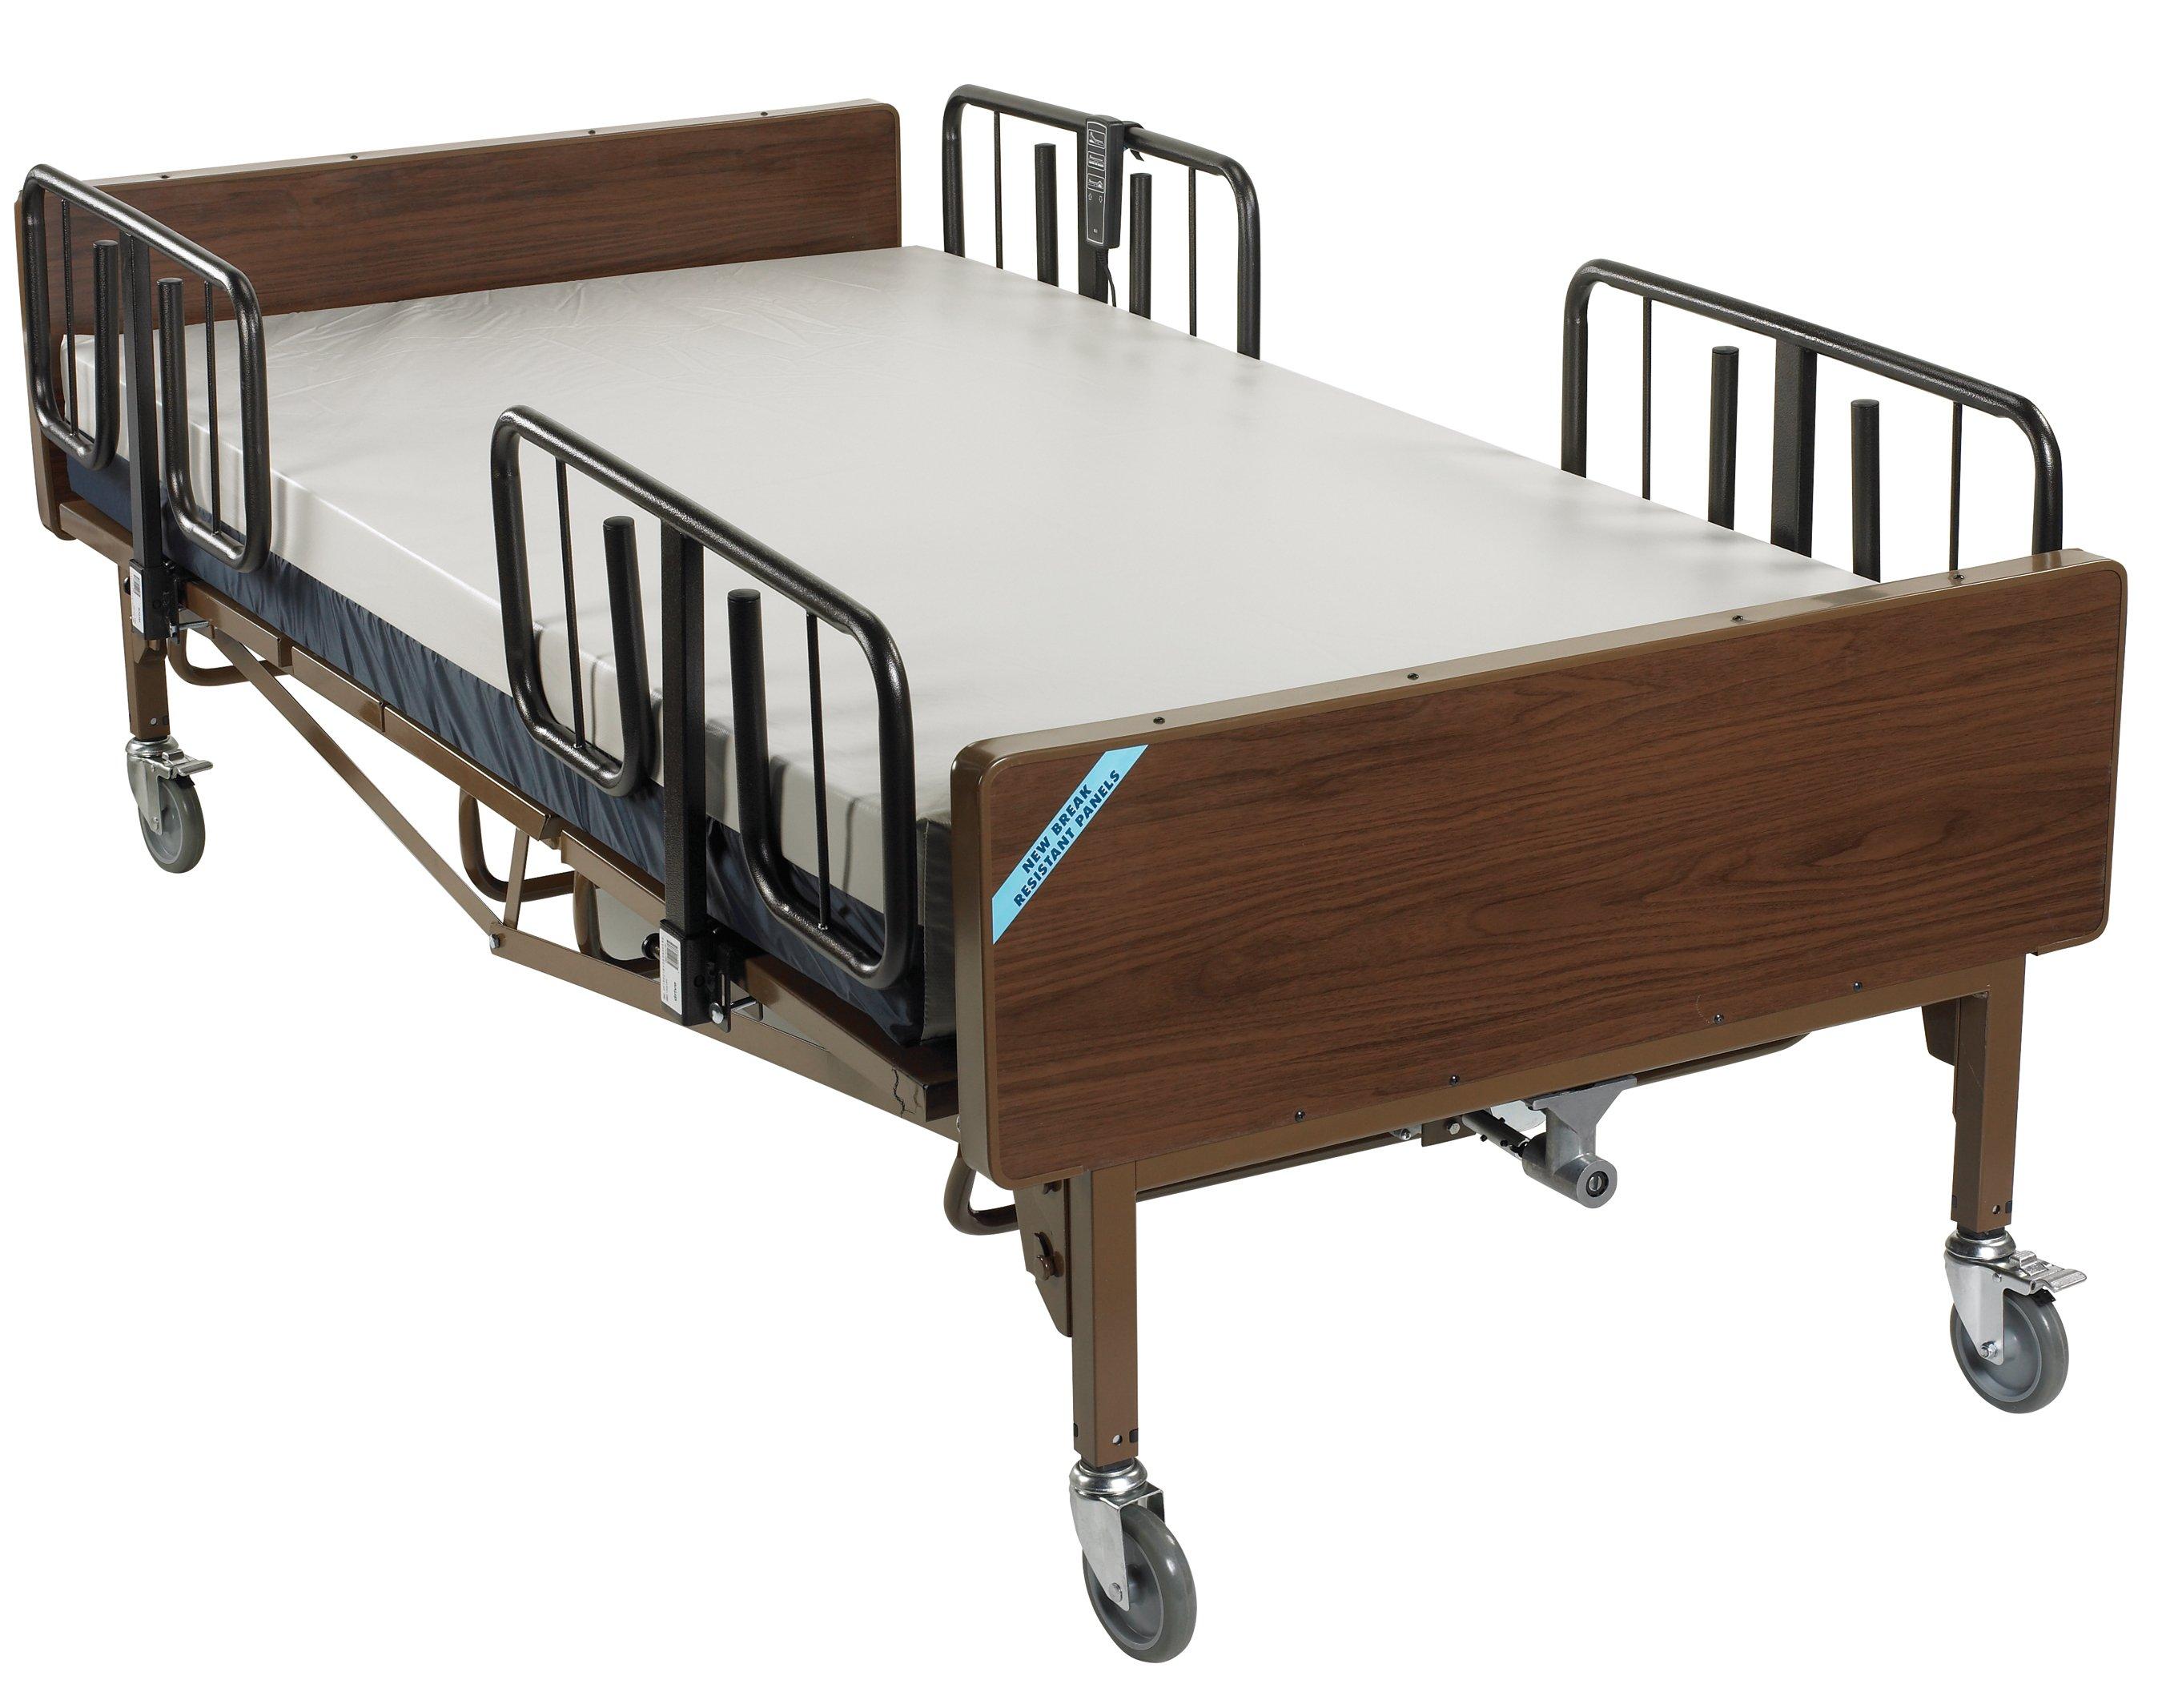 alternating bed air loss marietta mattressrentals rentals htm home mattress medical pressure inc medi rent beds ga for source hospital low